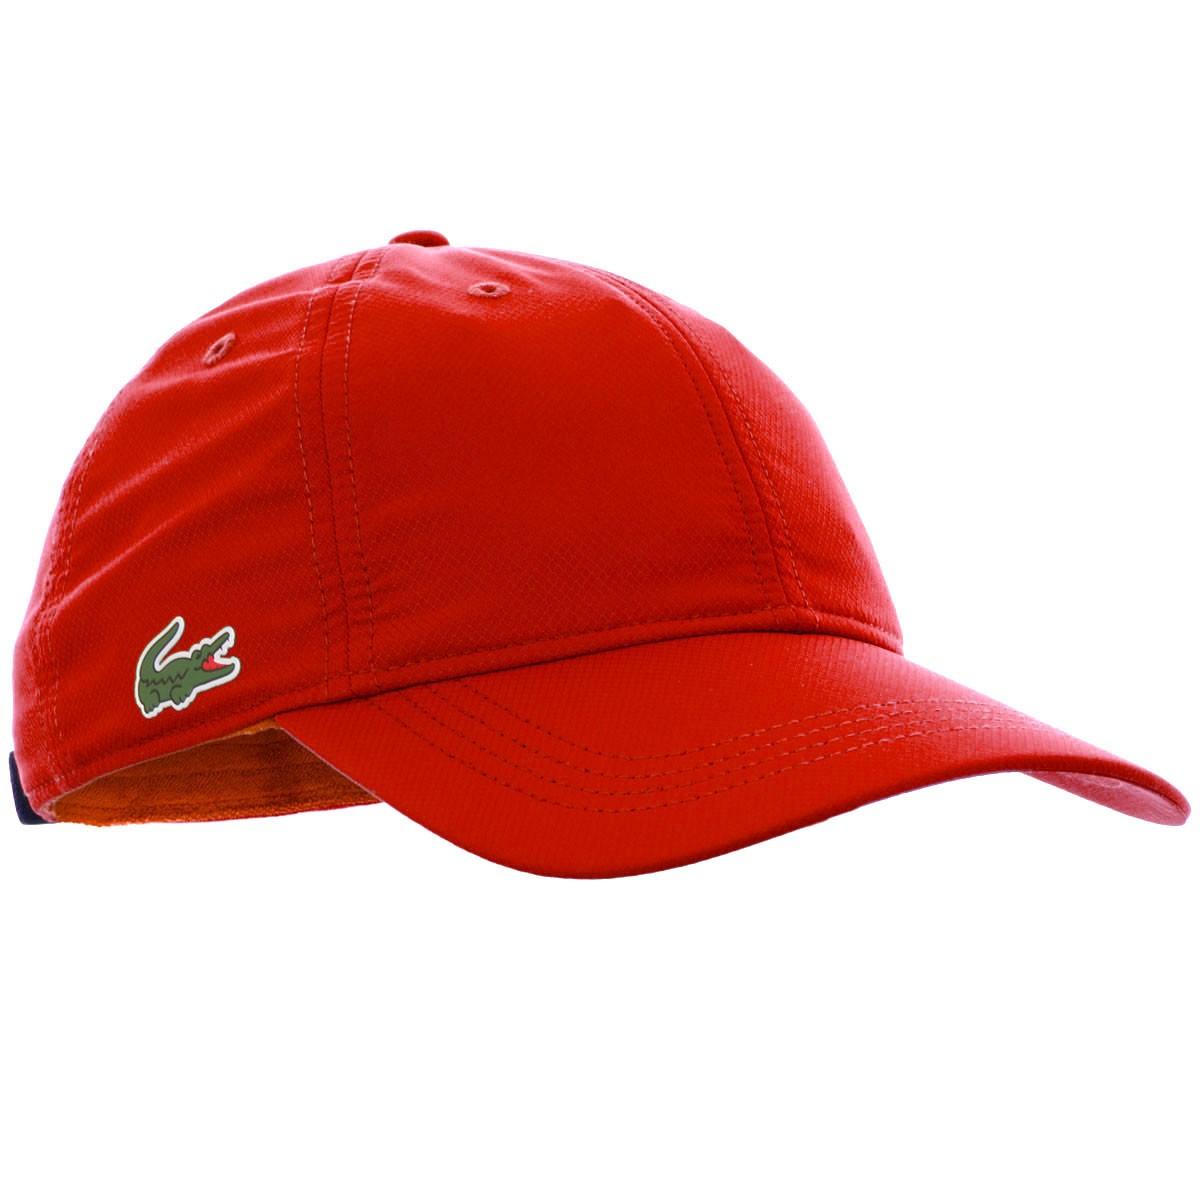 6faf26de45535 Boné Lacoste RK 2447 Vermelho, Vivano Sports - A loja do tenista